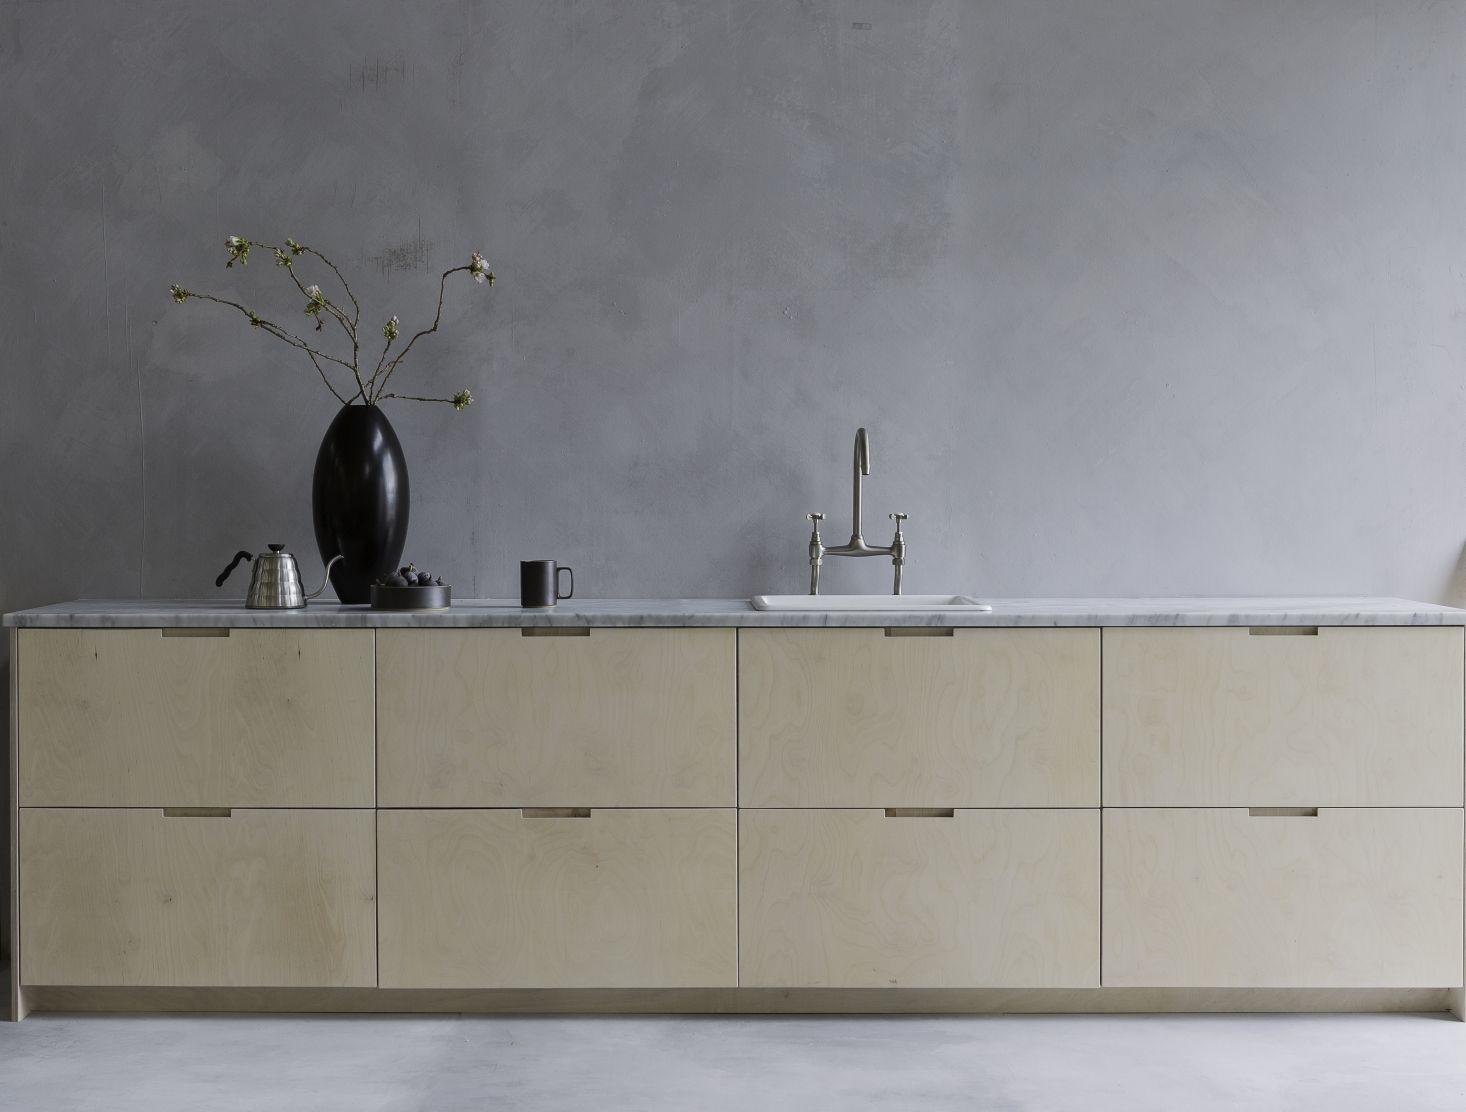 Ikea Kitchen Upgrade 11 Custom Cabinet Companies For The Ultimate Kitchen Hack Sperrholzkuche Kuche Holz Und Kleine Kuche